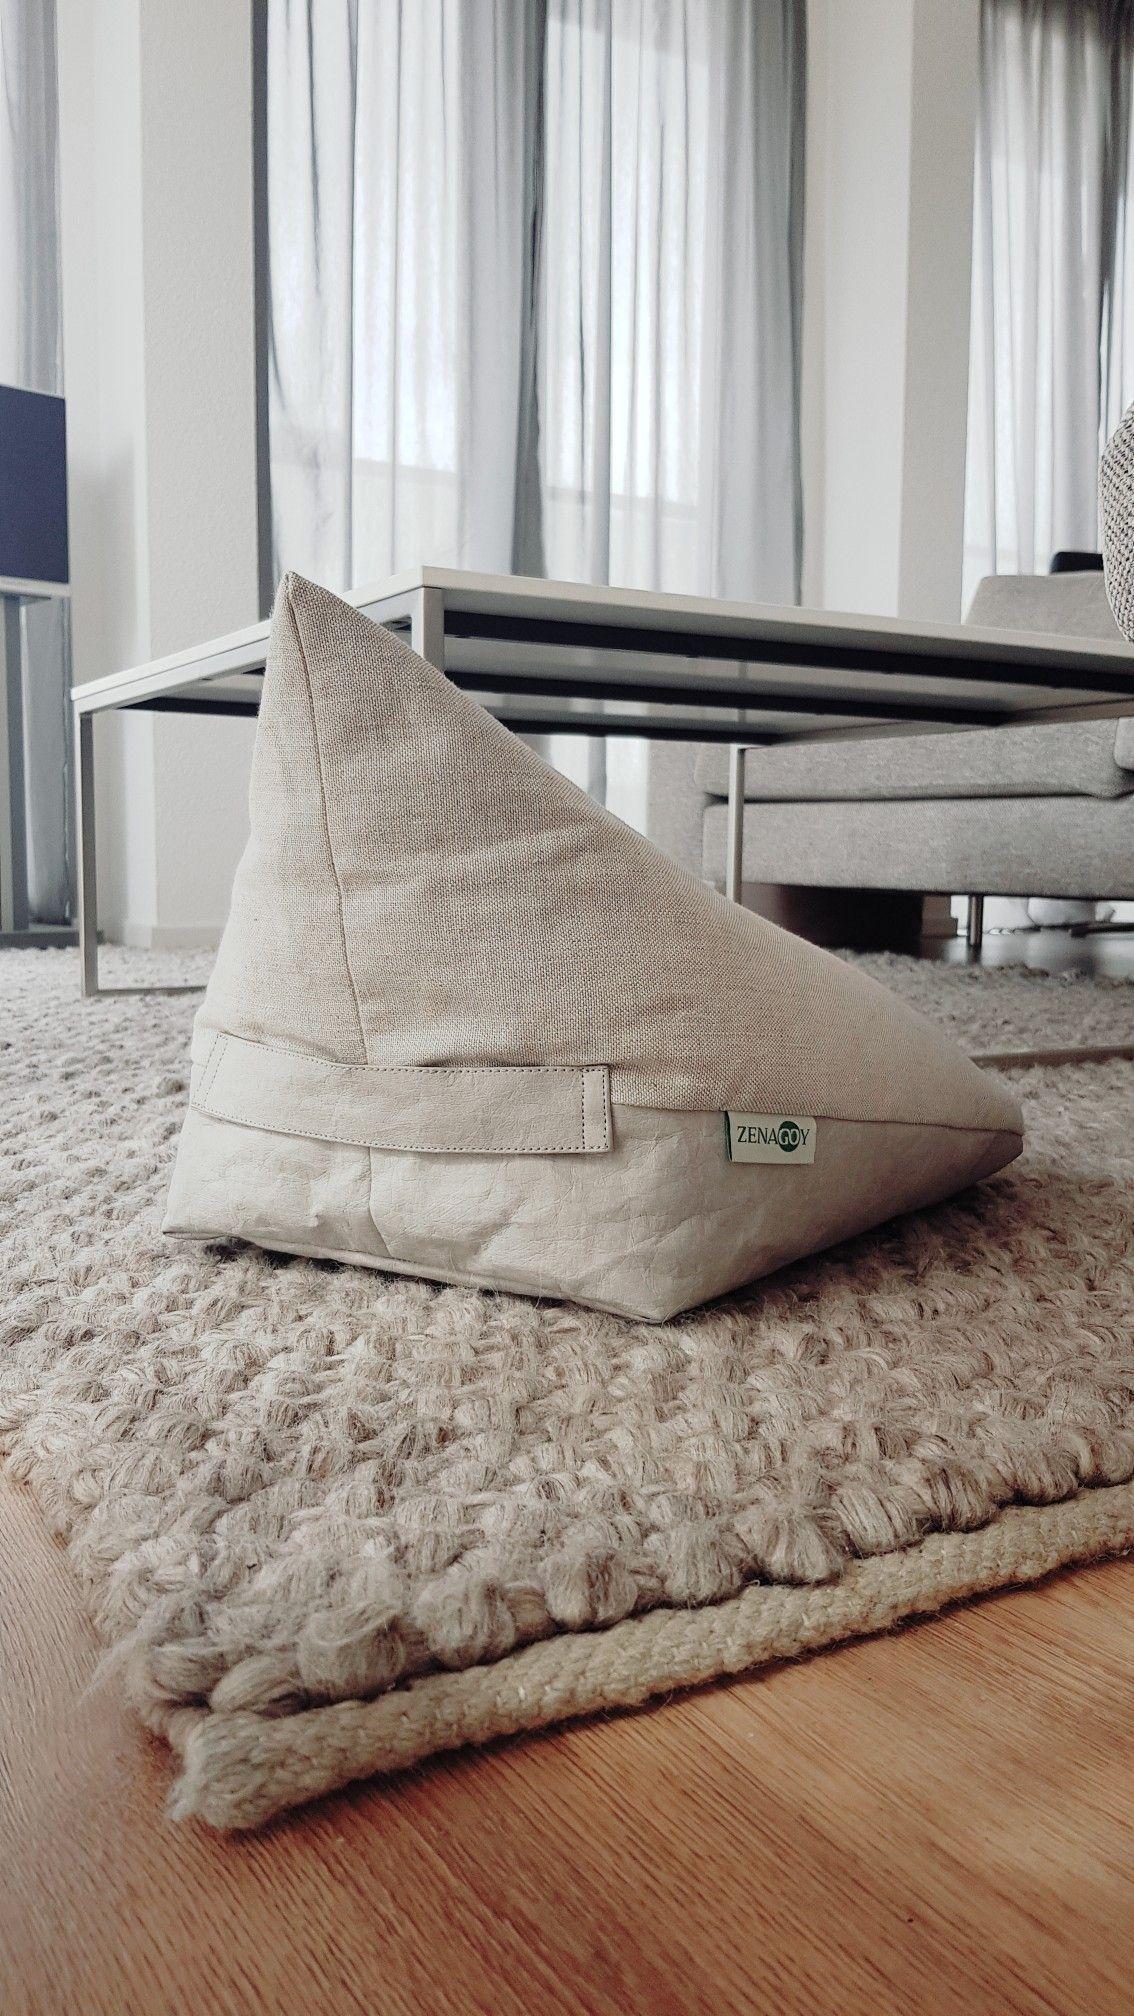 Floor cushion in style floor cushions pillows